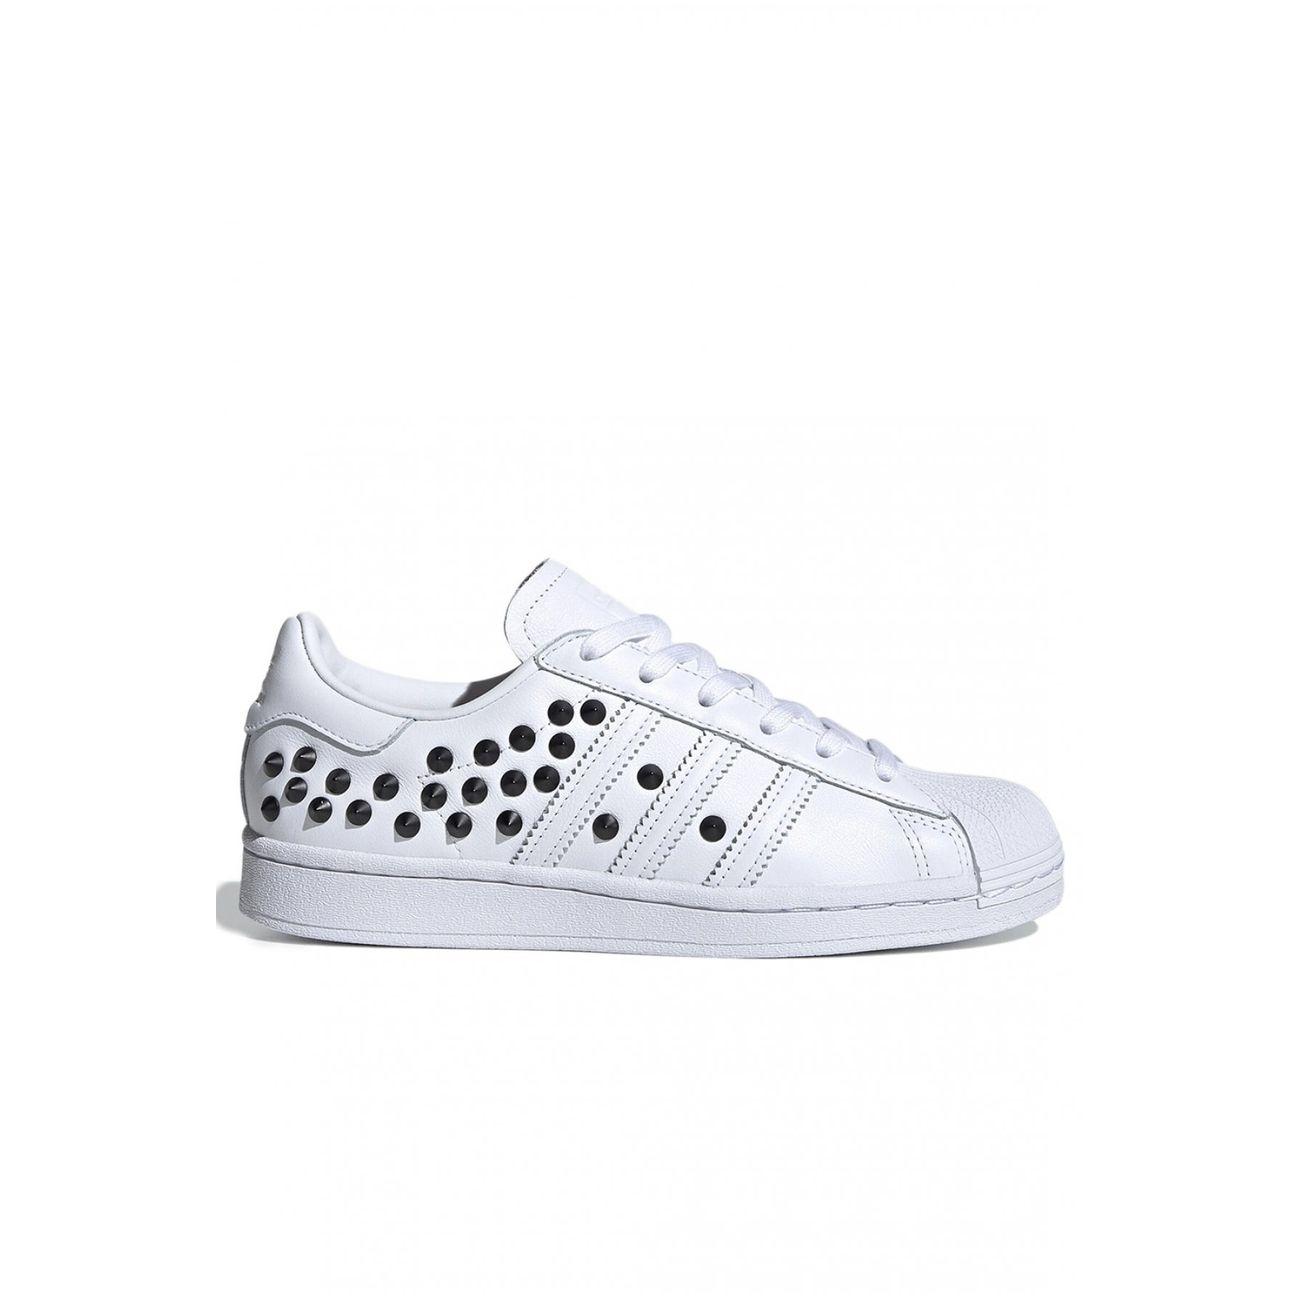 femme ADIDAS Sneakers en cuir clouté Superstar - Adidas - Femme